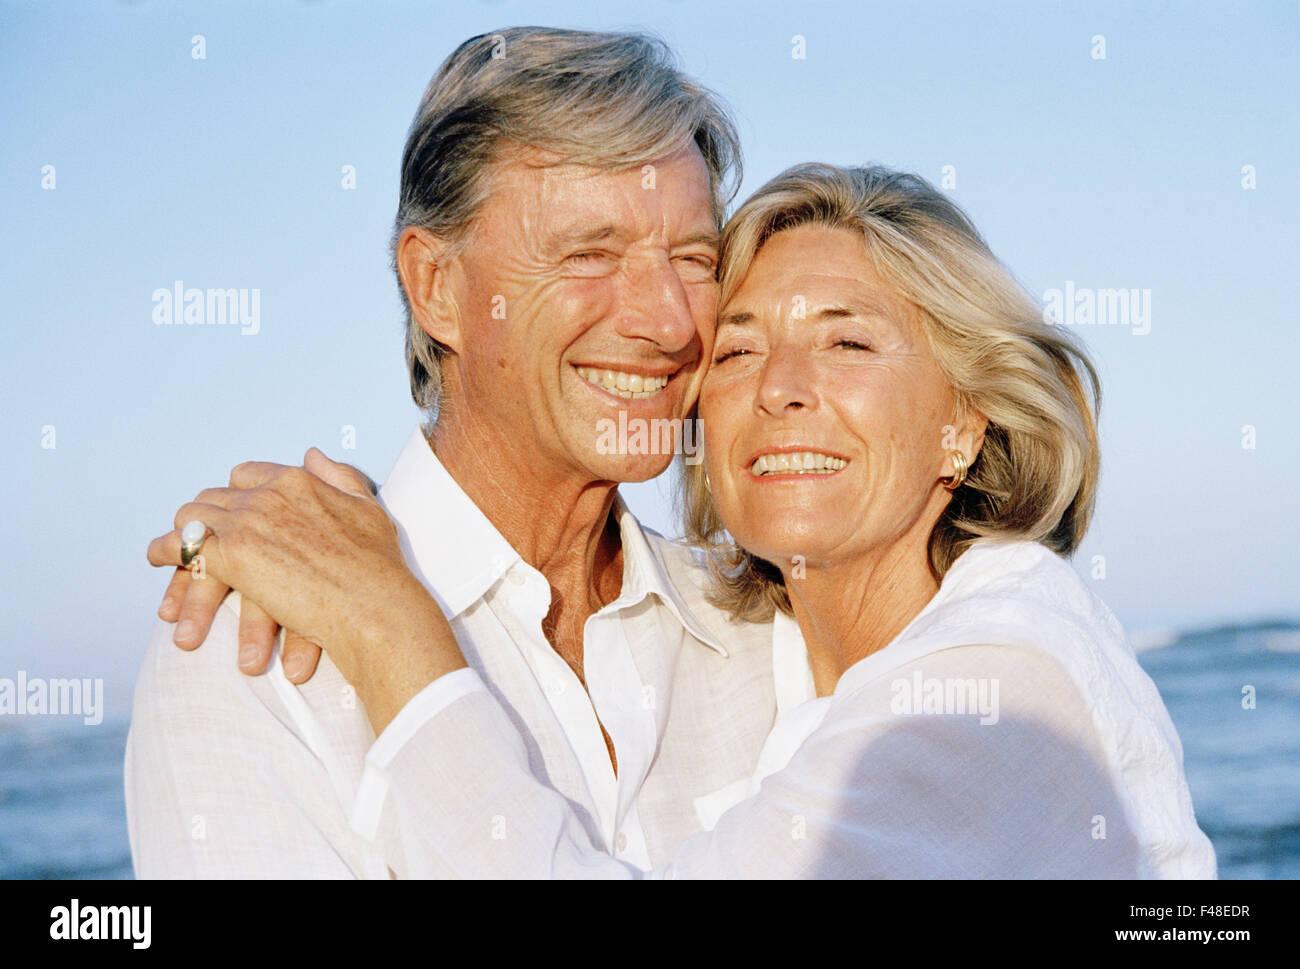 Senior dating spain